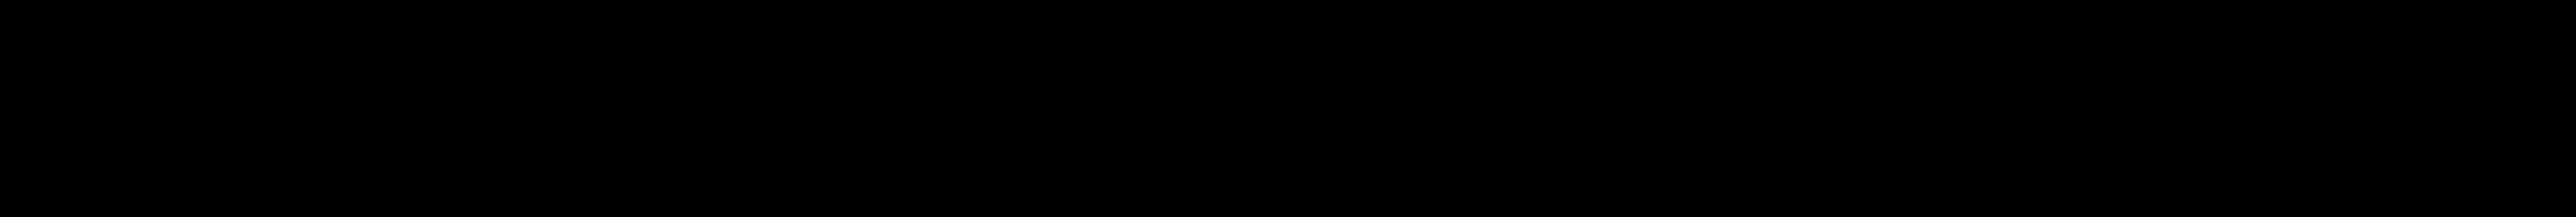 Logo Djurgårdsbron - Kungliga Djurgården, Östermalm, Stockholm - En av världens vackraste stadsparker - @kungligadjurgarden - kungligadjurgarden.com - Kungliga Djurgården en del av Östermalm - @ostermalm - ostermalm.com